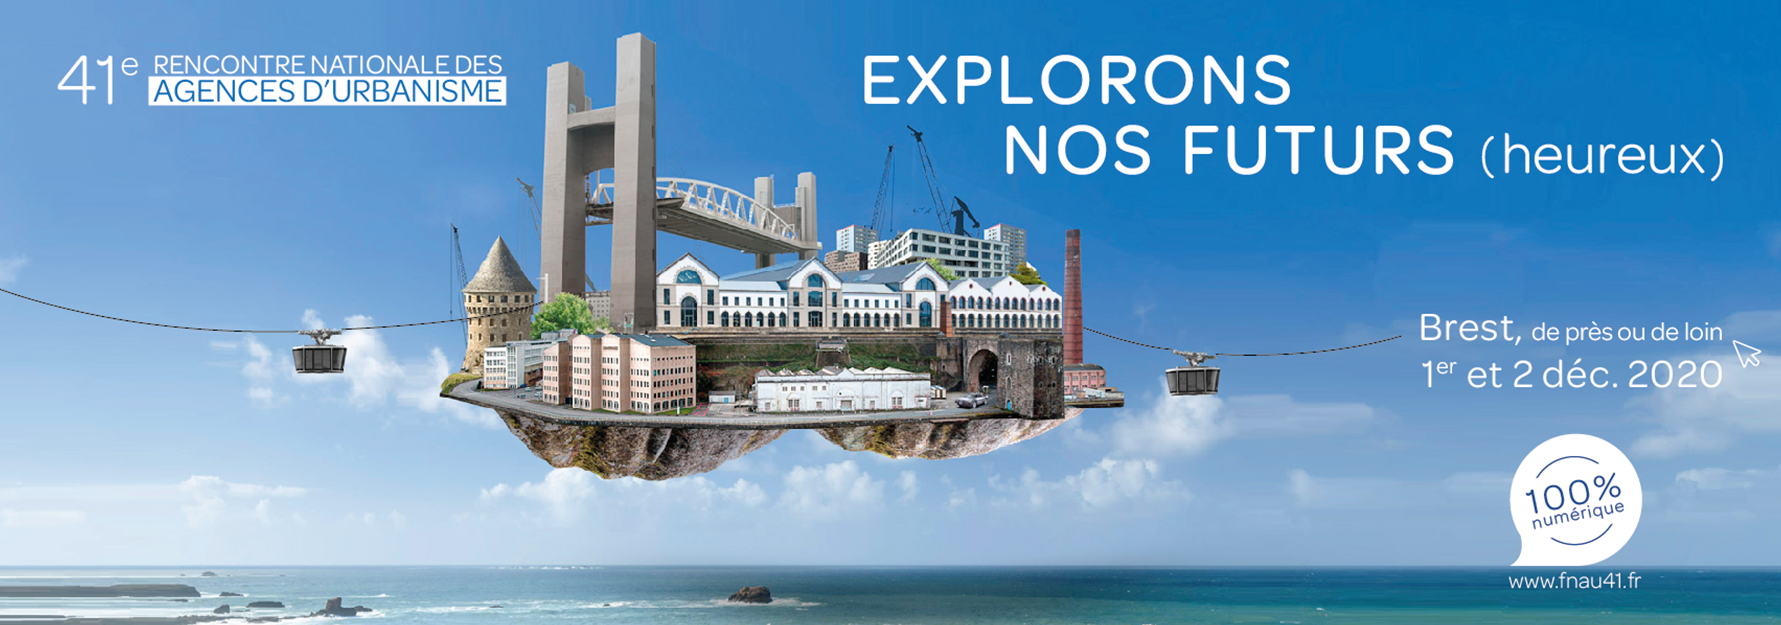 Explorons nos futurs (heureux) : retour sur la 41e Rencontre des agences d'urbanisme